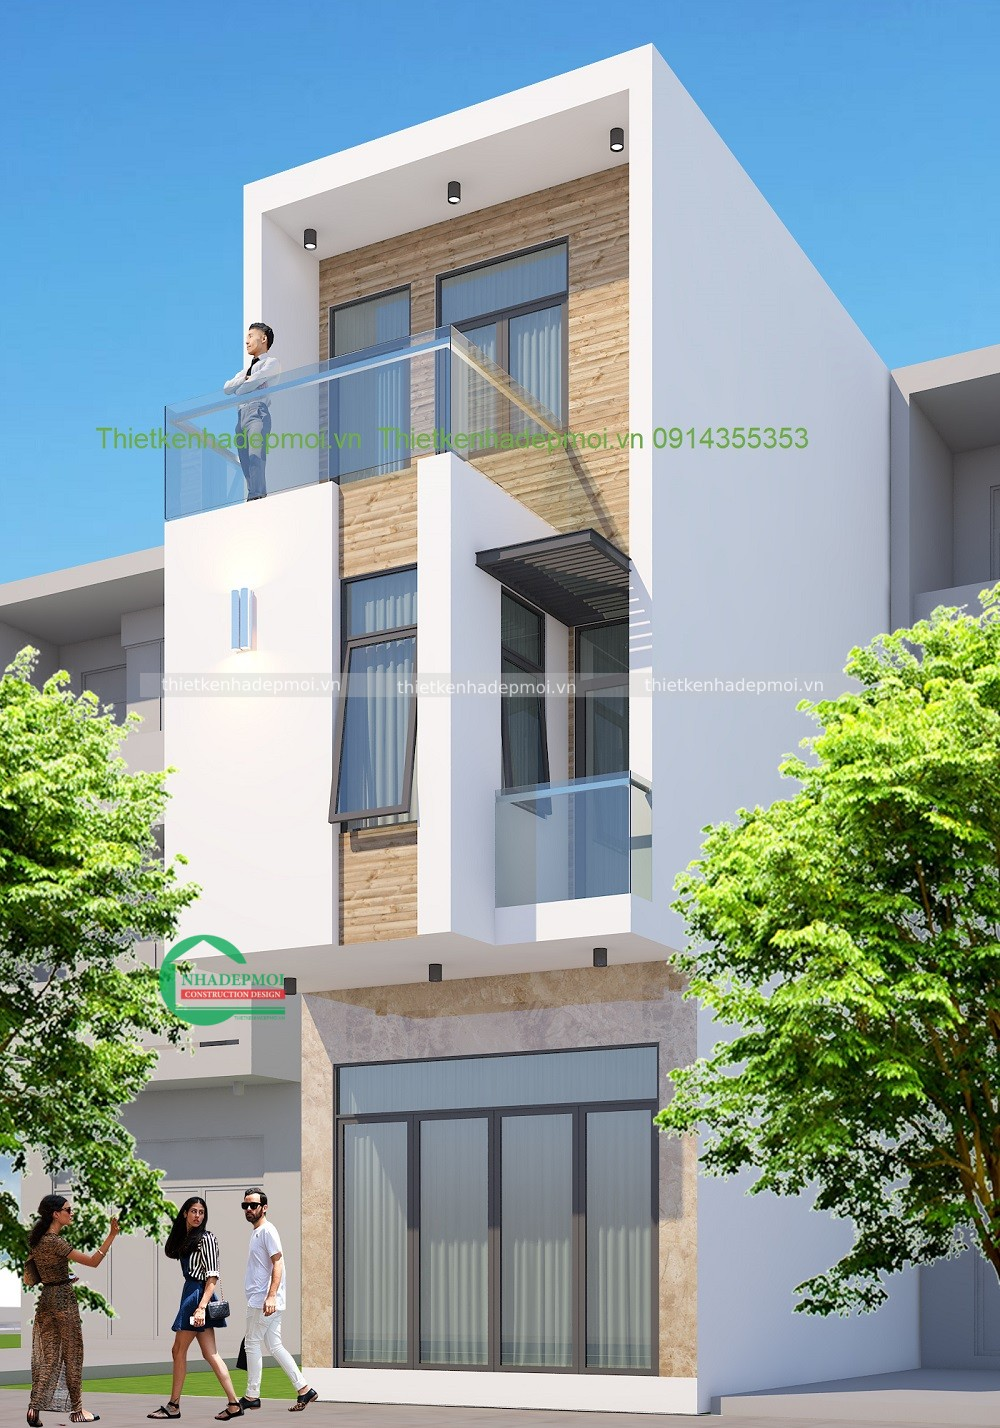 mẫu nhà phố đẹp 3 tầng